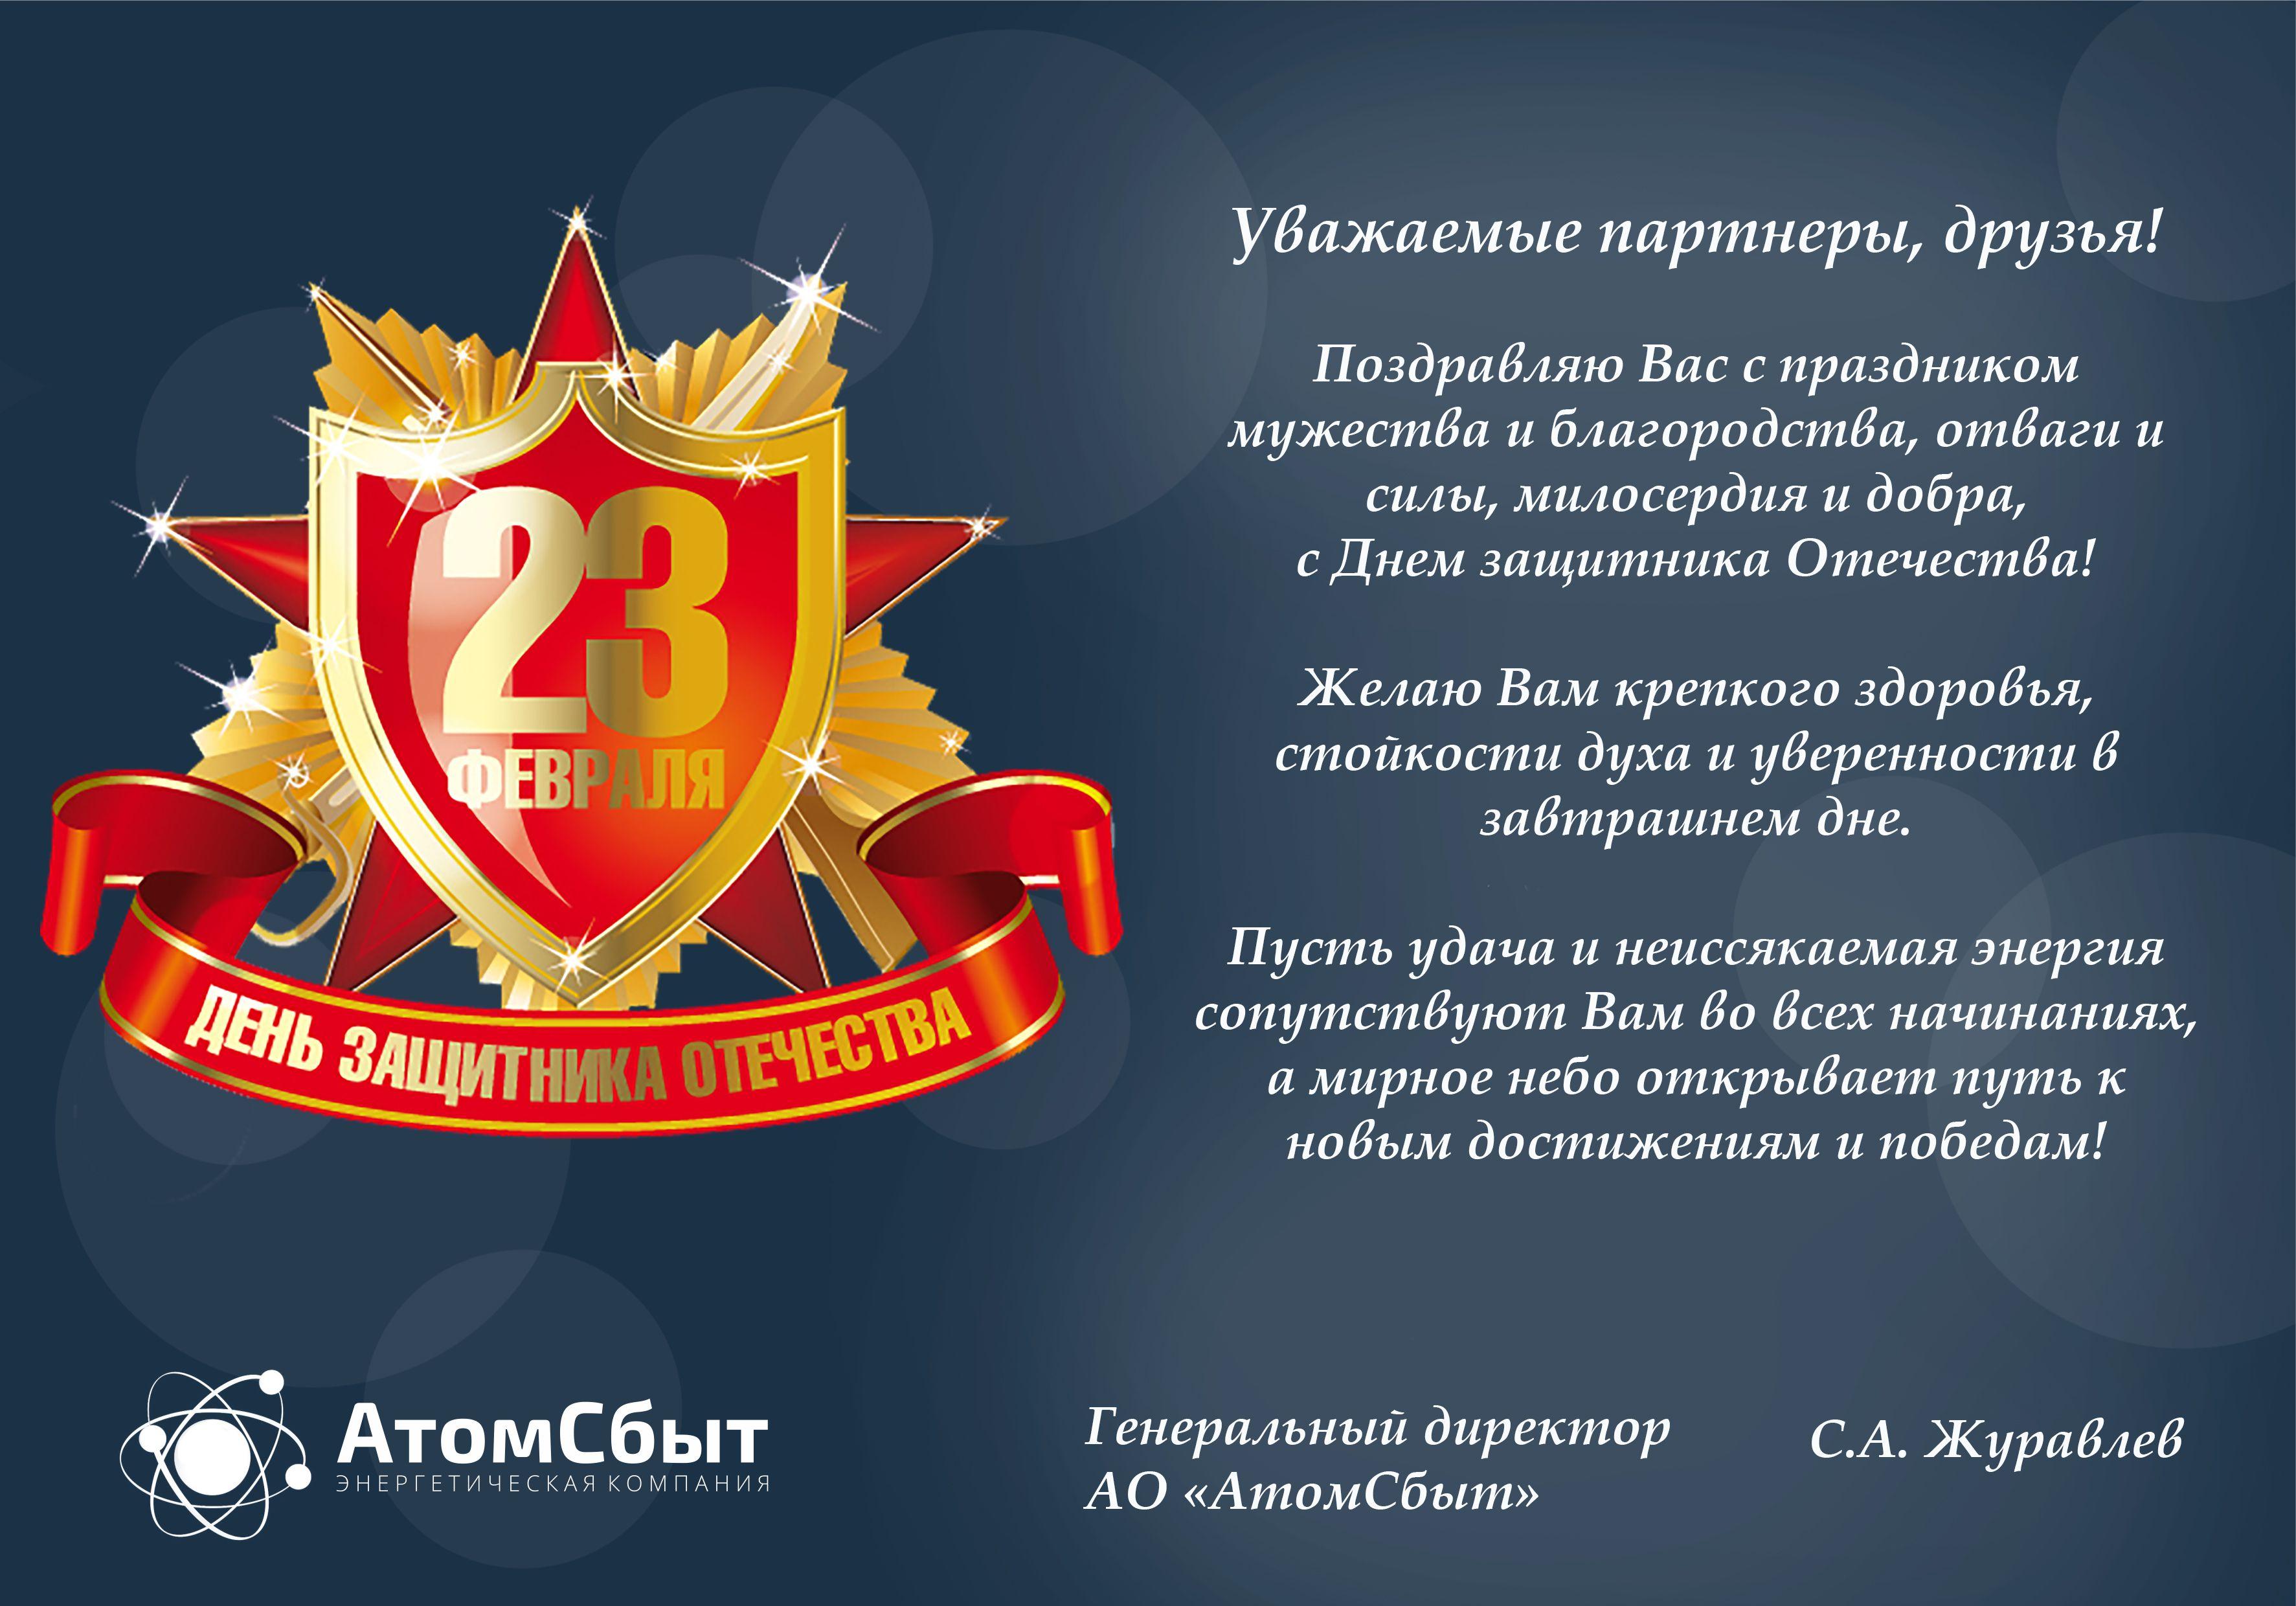 ❶Поздравления с 23 февраля в казахстане|Прикольные поздравления для мужчин с 23 февраля|Новости - ФБС РК|23 февраля - поздравления 2017 app (apk) free download for Android/PC/Windows|}